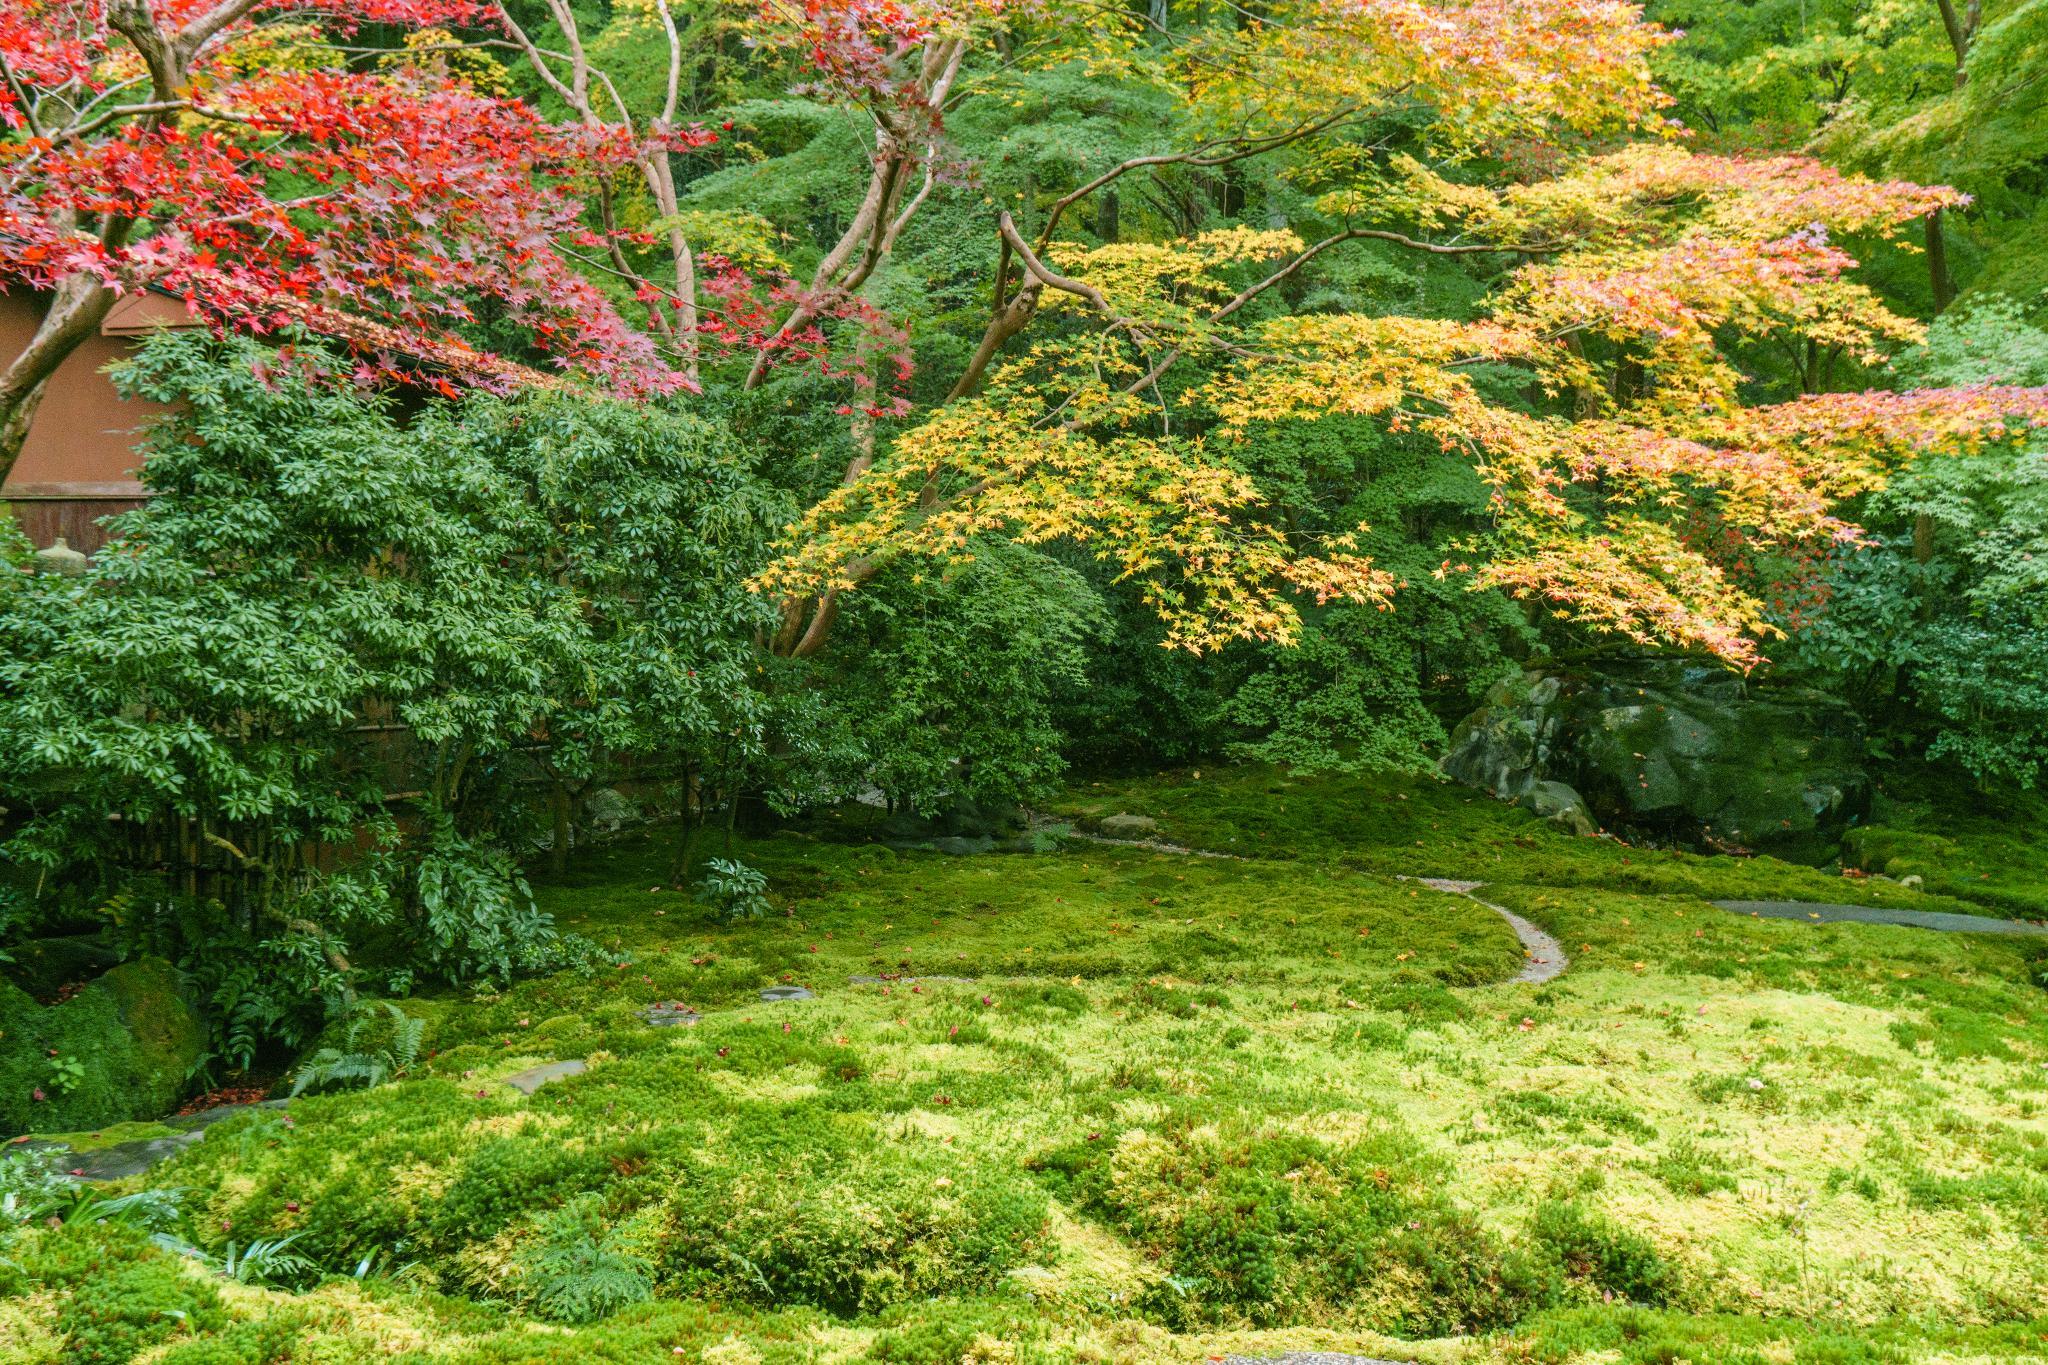 【京都】如夢似幻的琉璃光影 - 八瀨琉璃光院 92